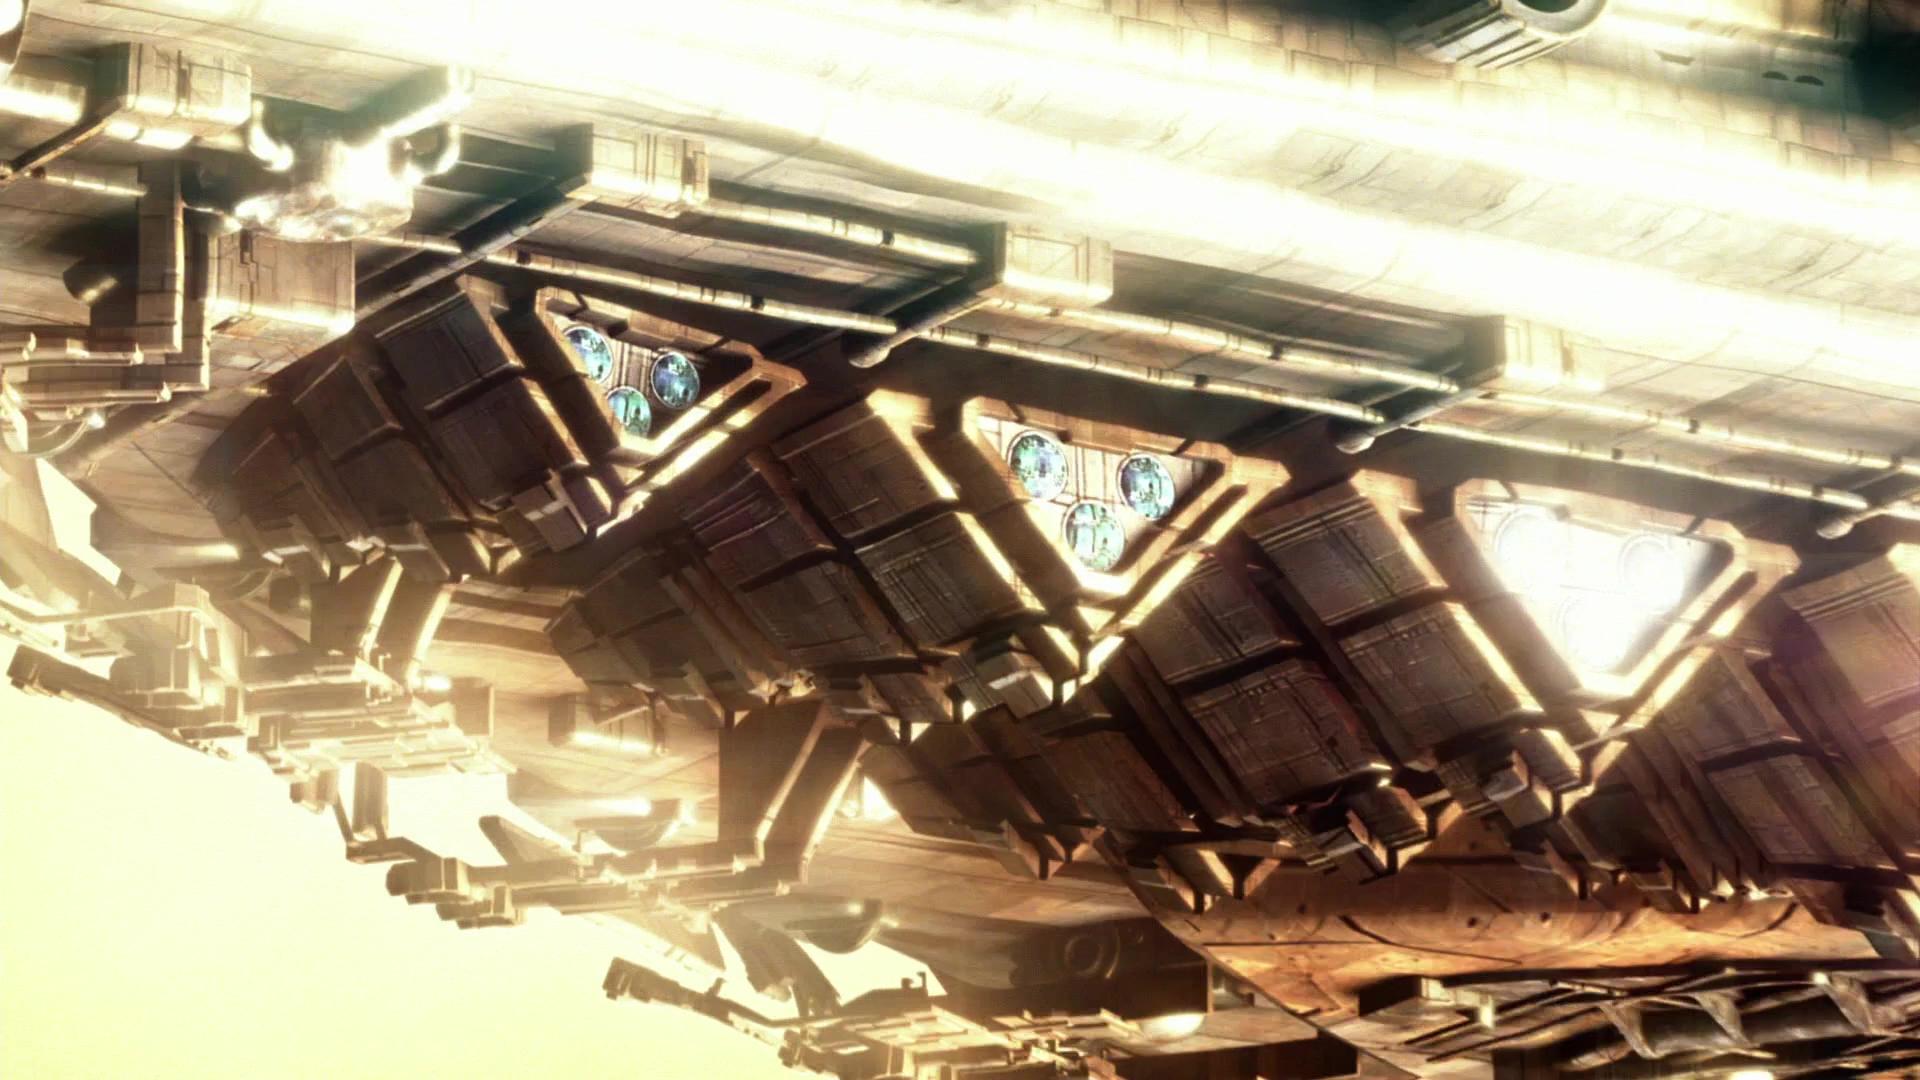 Ancient solar power collectors